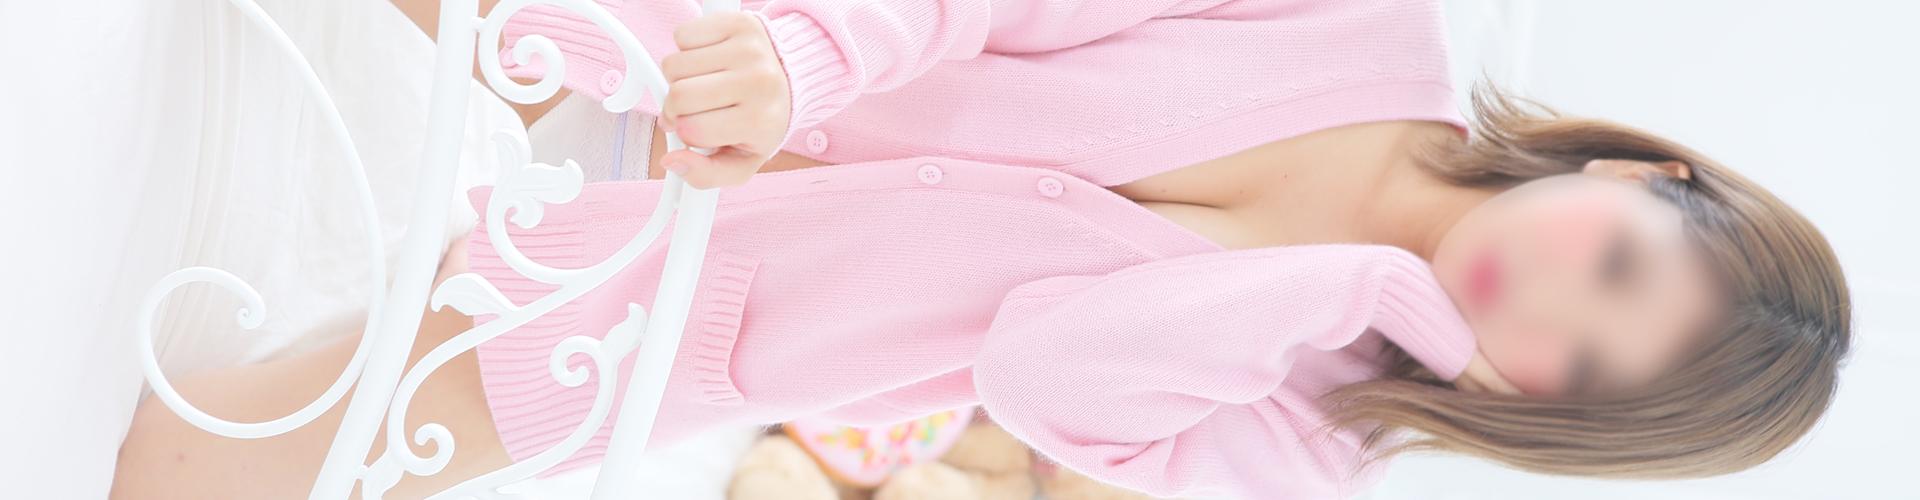 錦糸町デリヘル風俗 錦糸町 小岩 デリバリーヘルス【キャンパスサミット錦糸町店】モデルさな写真